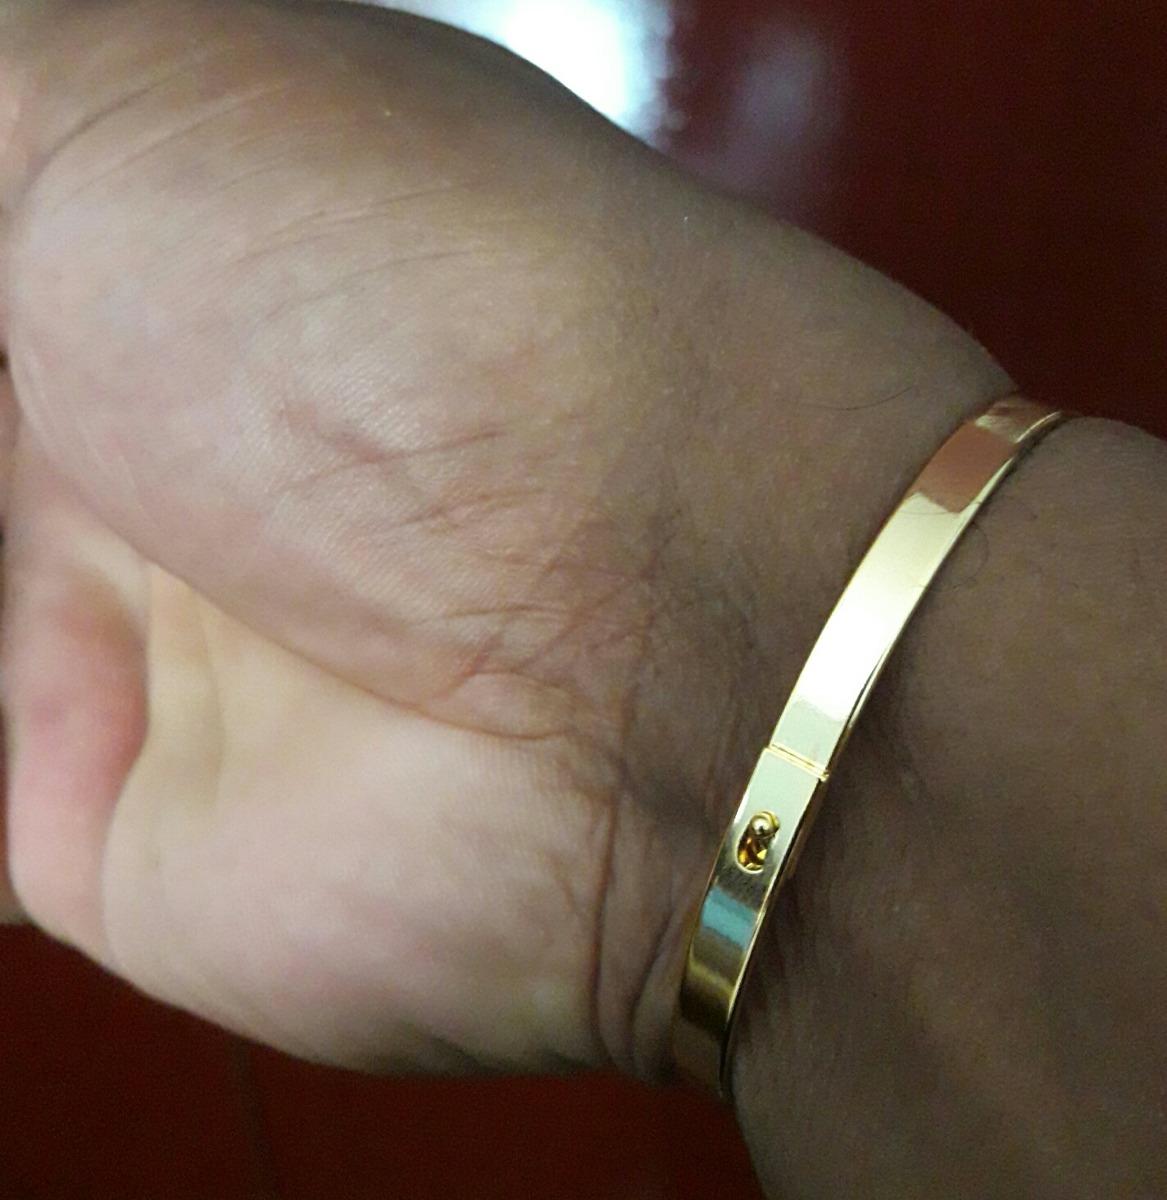 Bracelete Ouro Masculino Pronta Entrega - R  59,99 em Mercado Livre a839111124